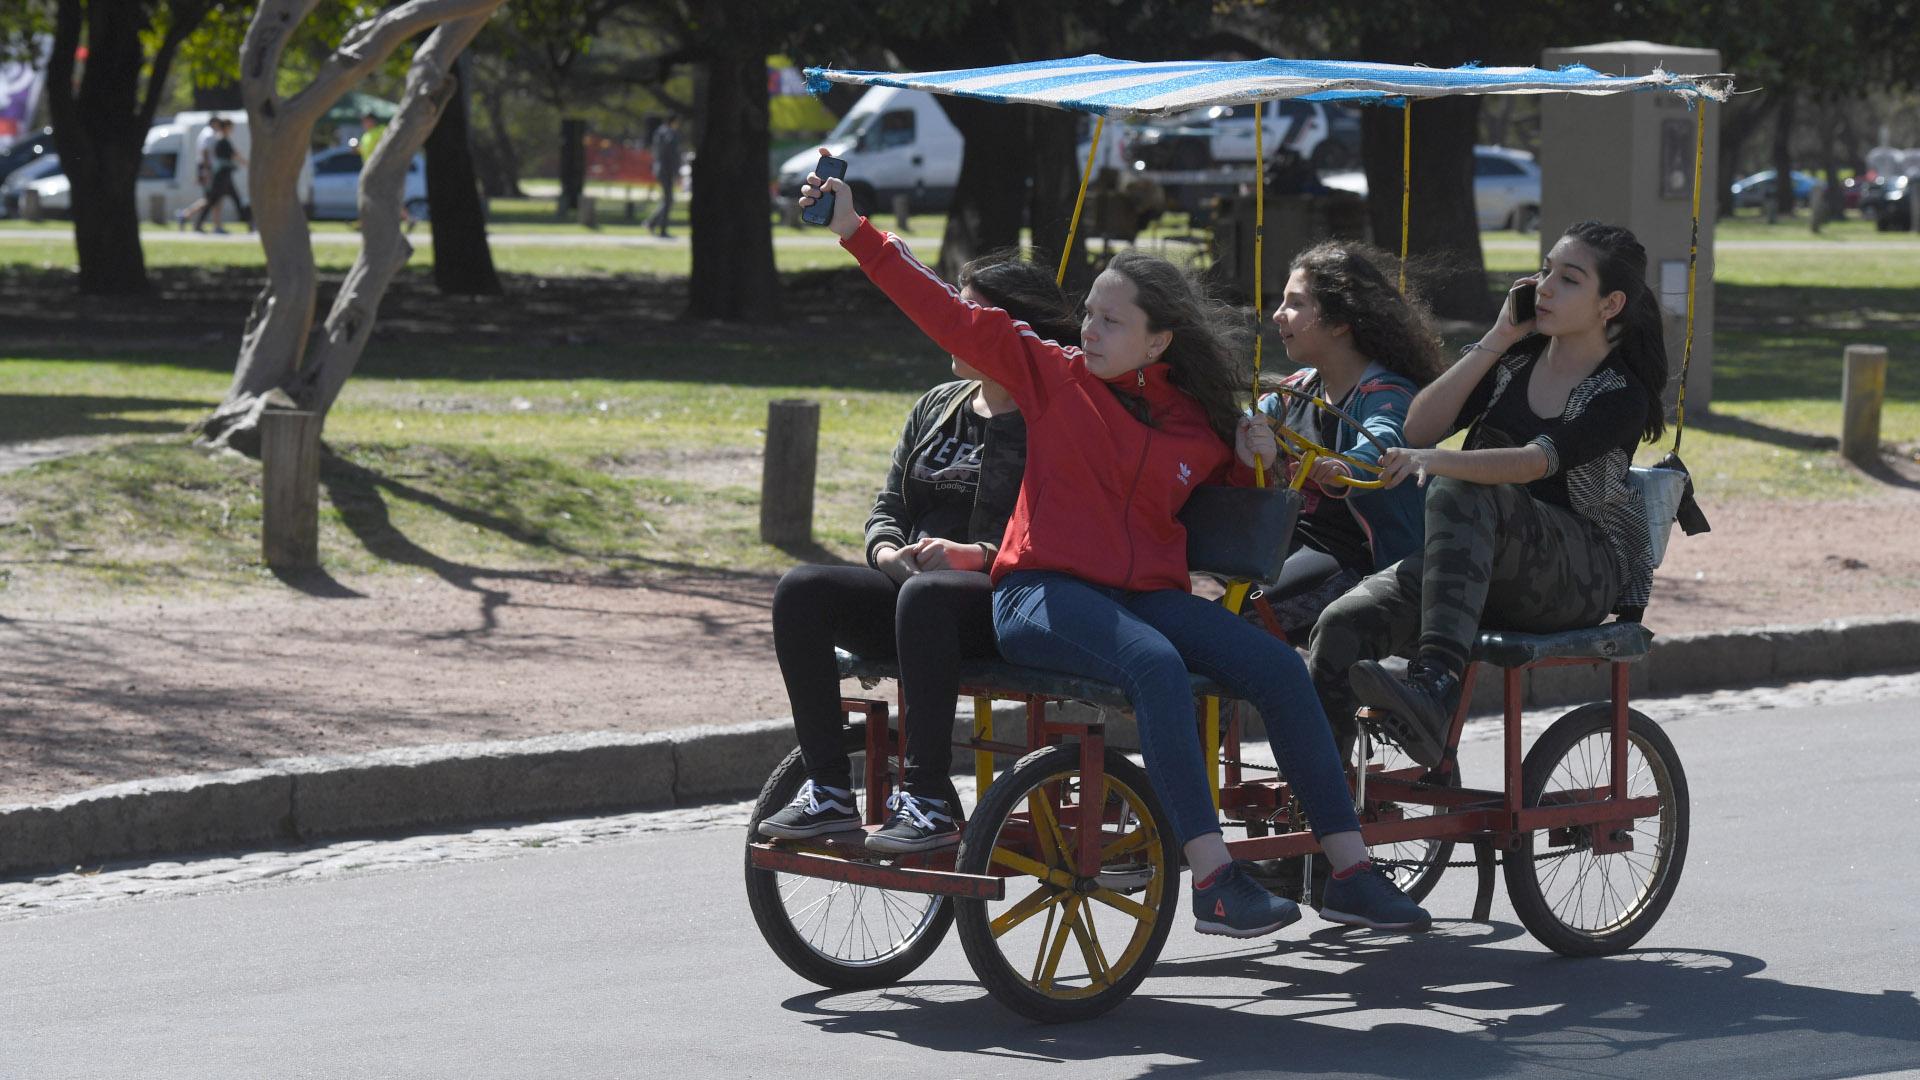 Otra de las actividades más populares para hacer si se festeja el Día de la Primavera en el Rosedal de Palermo son los carritos a pedal para cuatro personas para recorrer por las calles